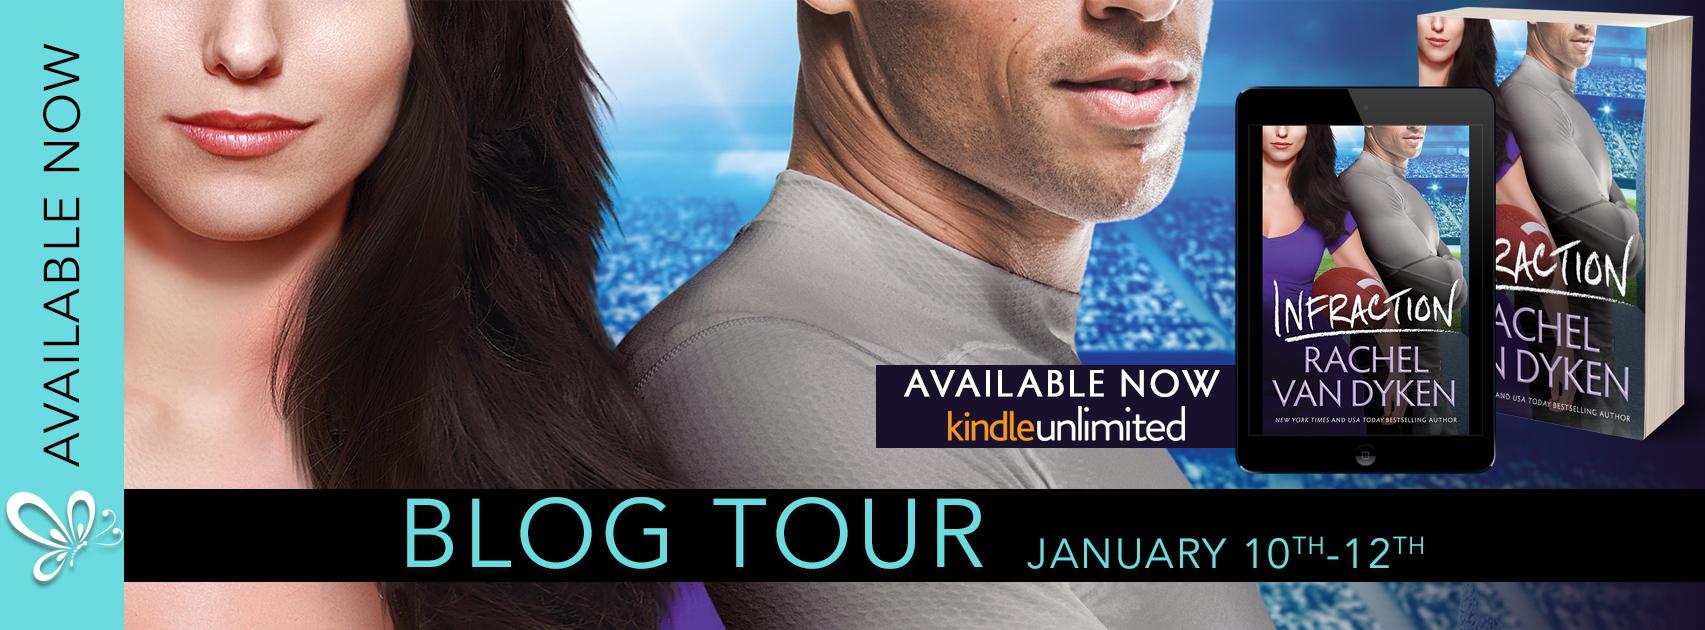 Blog Tour Review:  Infraction by Rachel Van Dyken